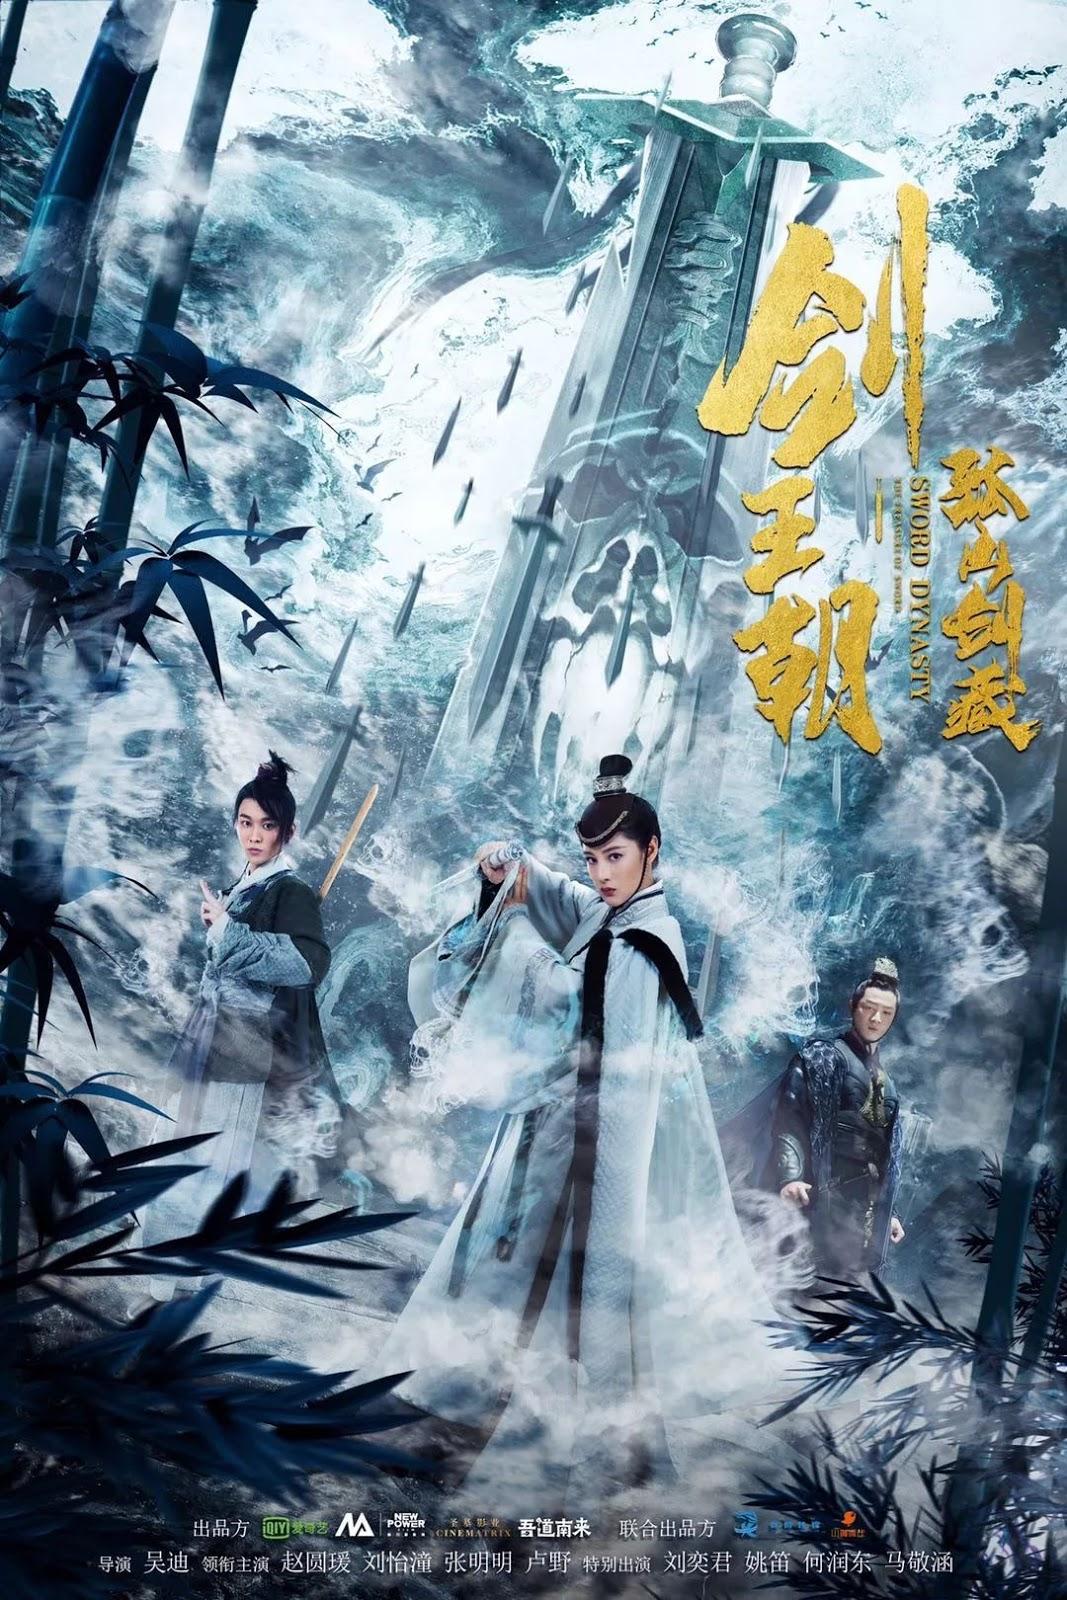 Xem Phim Kiếm Vương Triều: Côn Sơn Tàng Kiếm